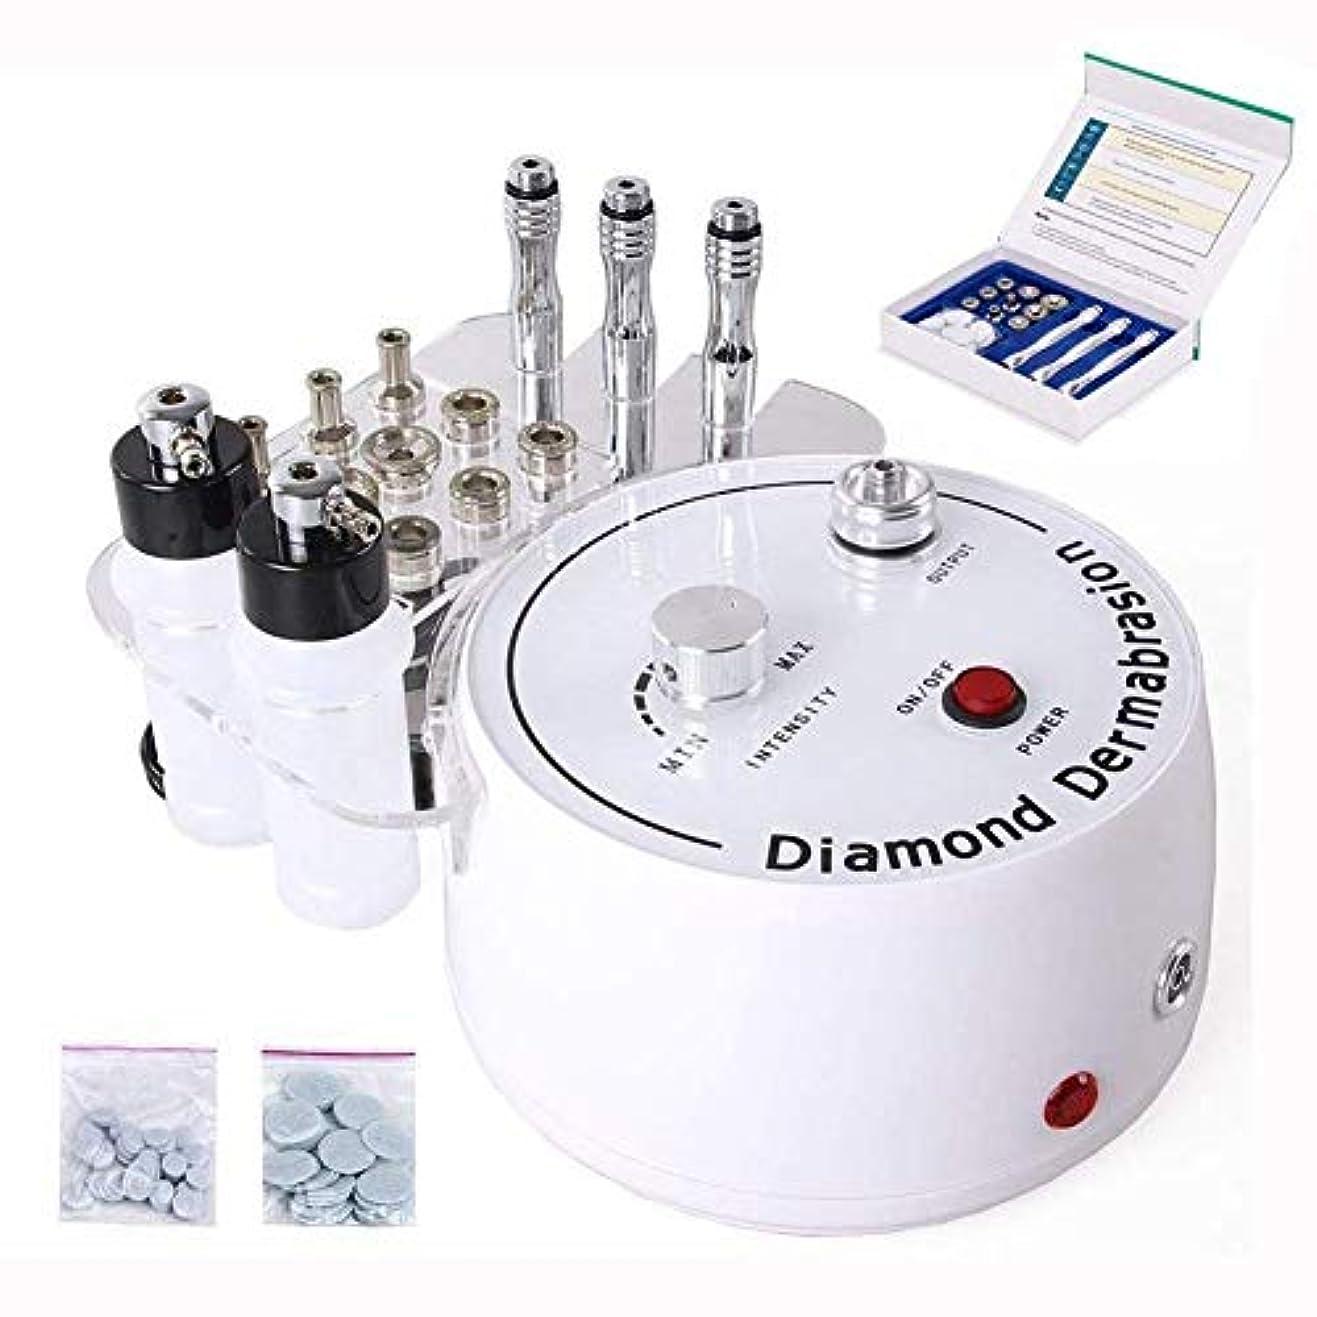 テナントメンタル世界的にダイヤモンドマイクロダーマブレーション皮膚剥離機、ピーリング美容機しわフェイスピーリングマシン、専門の皮膚剥離装置肌用美容機器を引き締め若返りリフティングピーリング